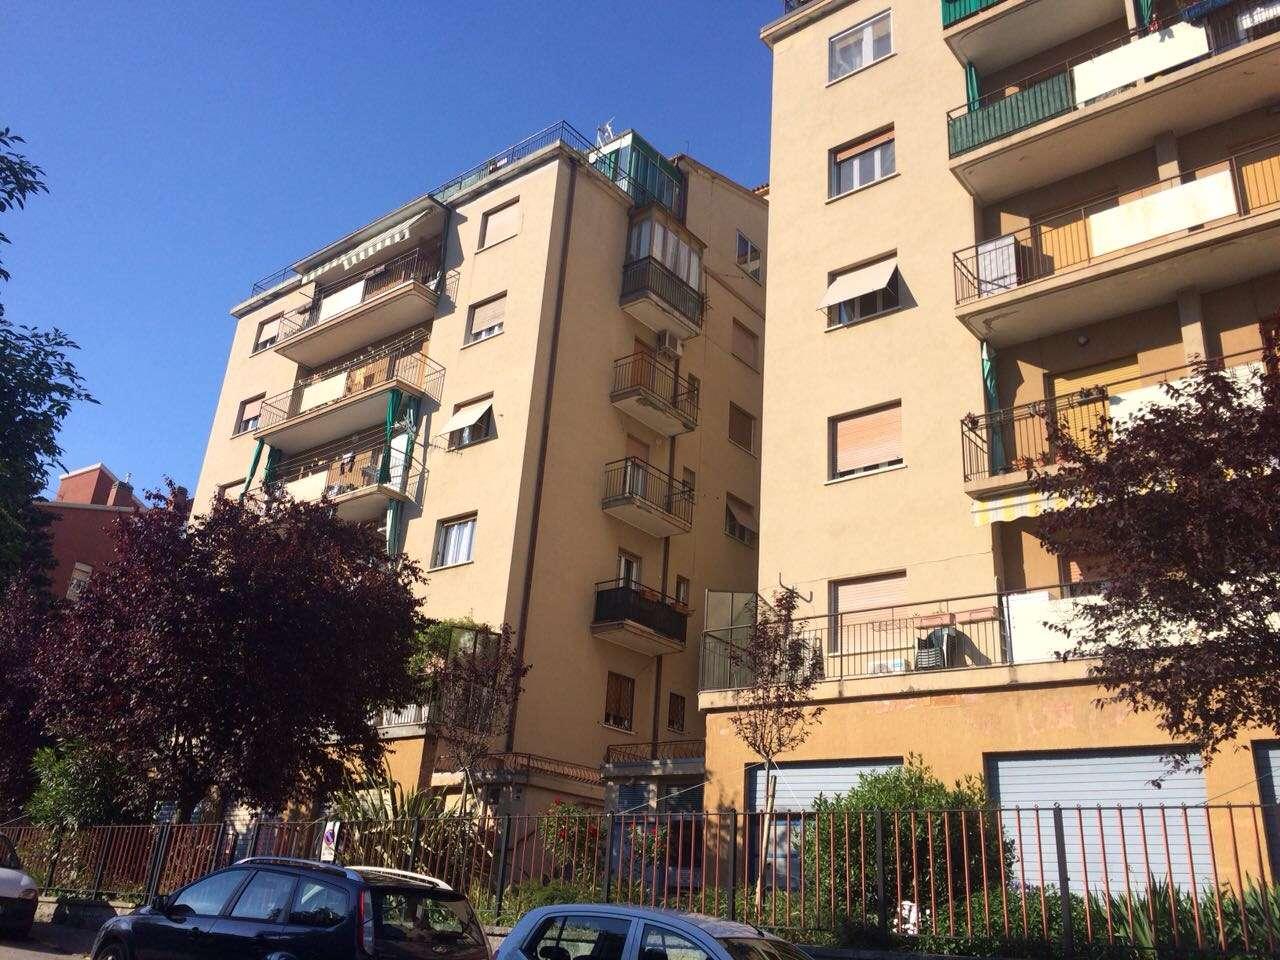 Appartamento in vendita a Trieste, 2 locali, prezzo € 59.000 | Cambio Casa.it